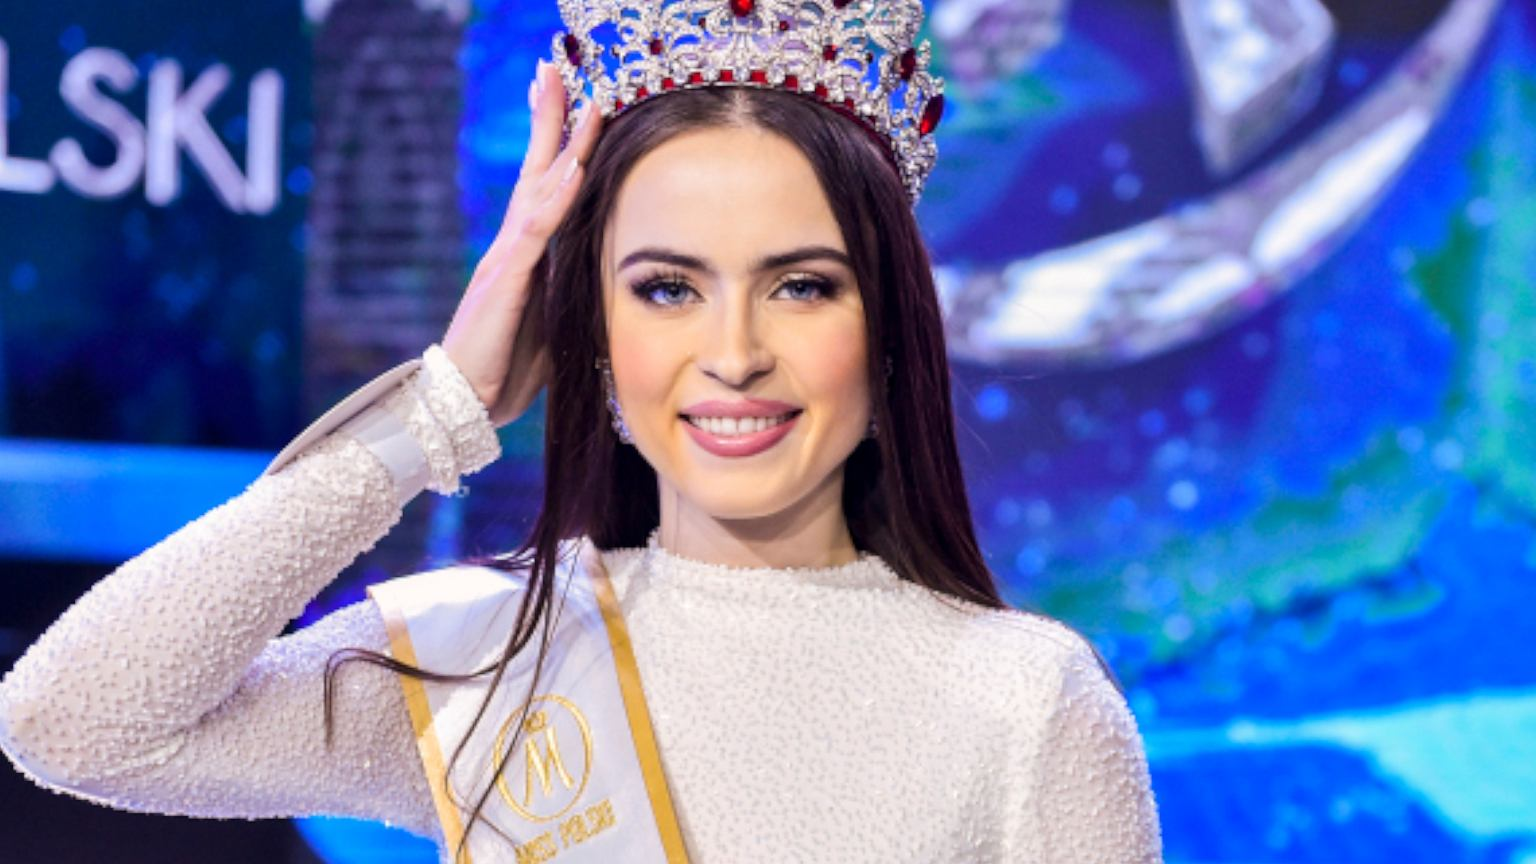 Anna-Maria Jaromin już wcześniej brała udział w konkursie Miss Polski. Czy to zgodne z regulaminem? Mamy komentarz organizatora [PLOTEK EXCLUSIVE]